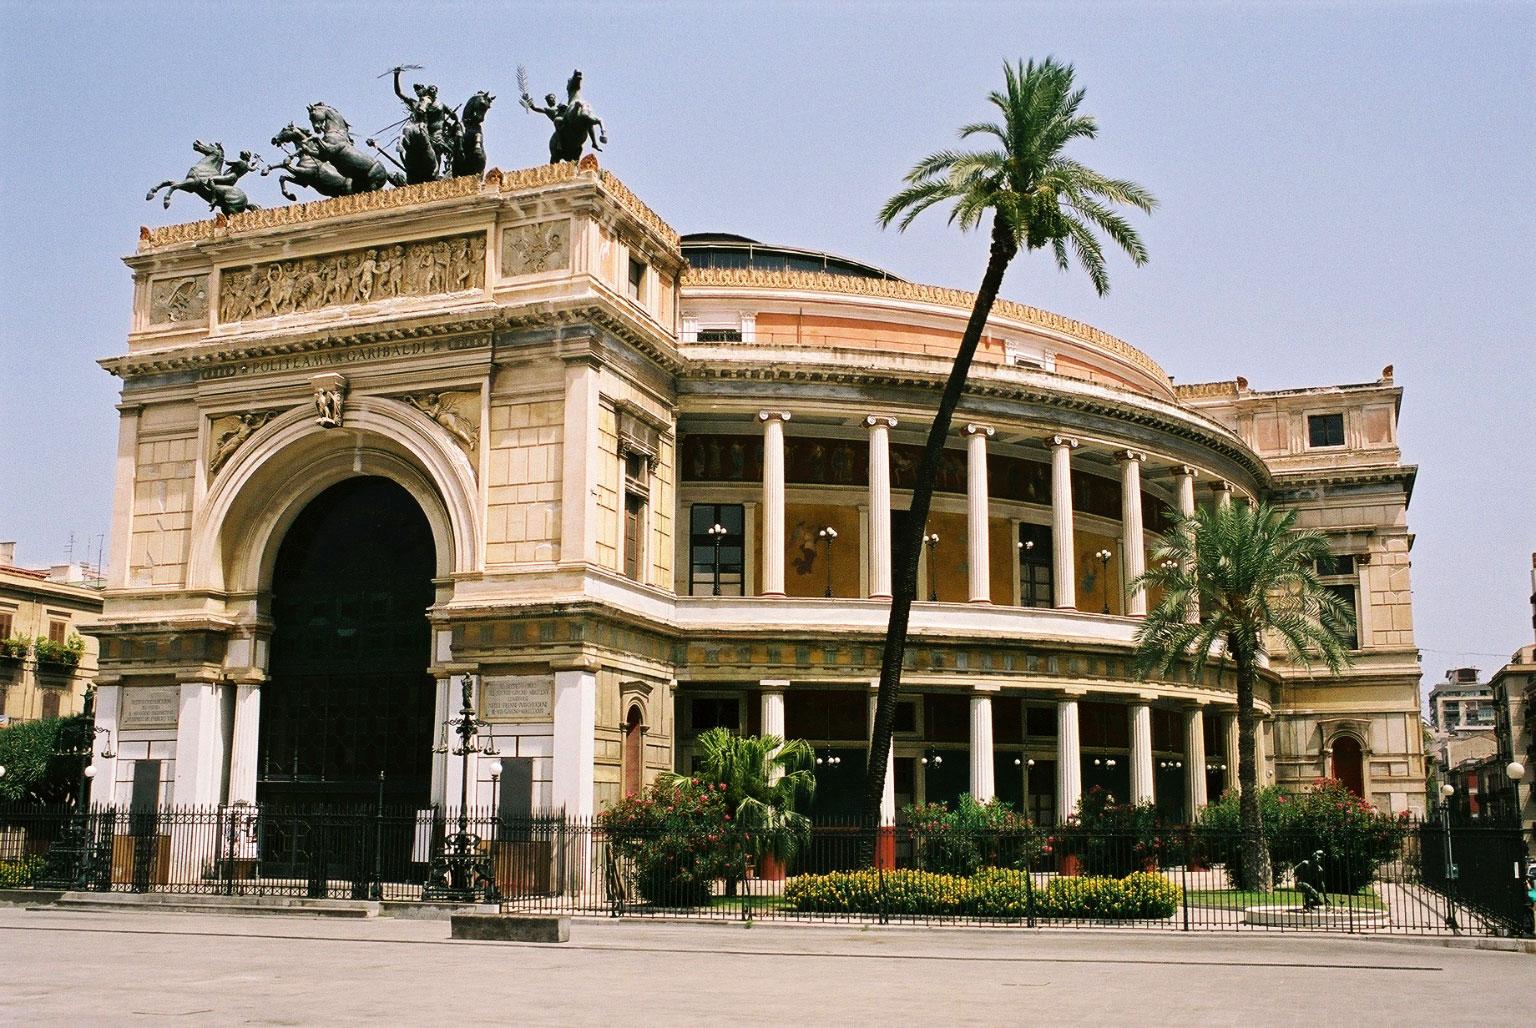 Mappa Palermo: monumenti e strade a portata di mano